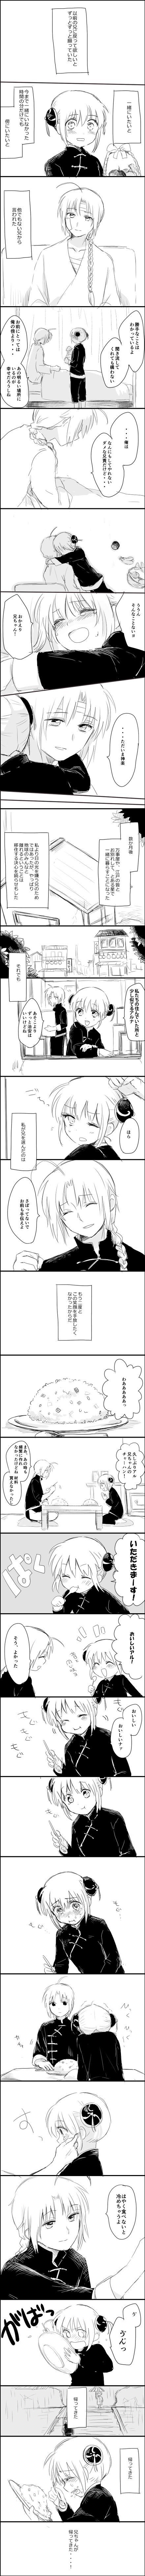 「しあげはお兄ちゃん」/「ぬか」の漫画 [pixiv]